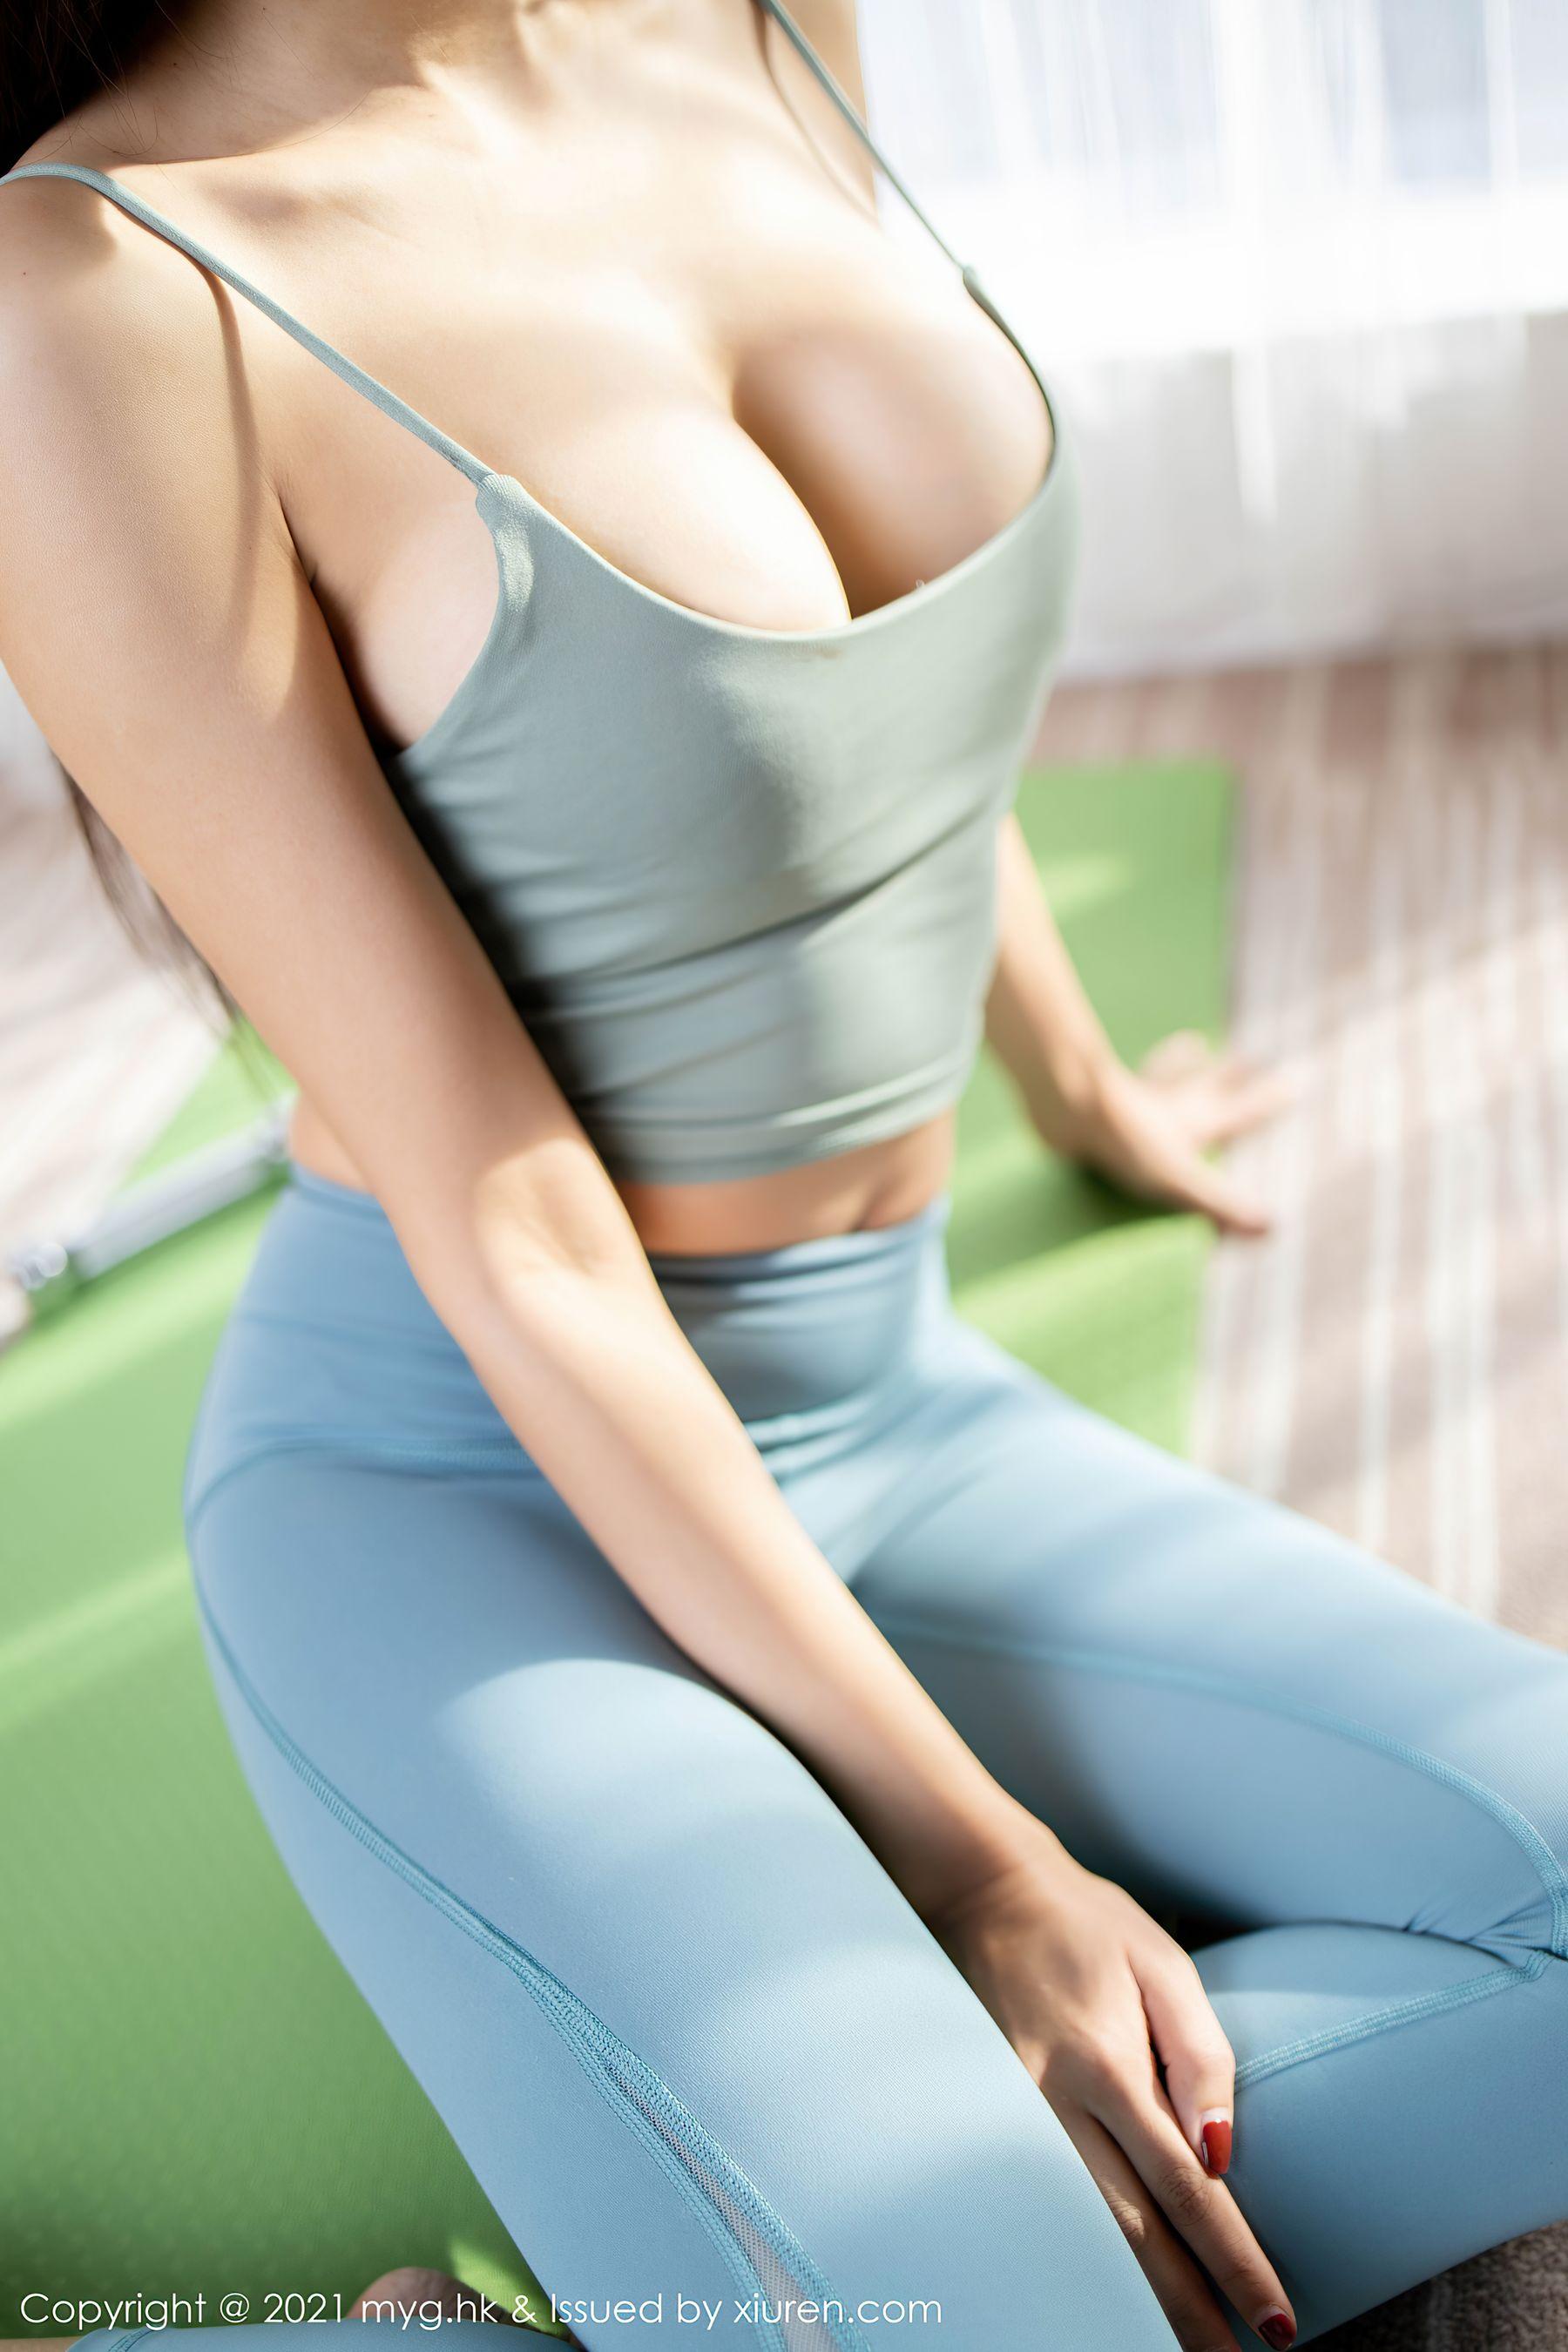 VOL.1163 [美媛馆]美胸紧身裤吊带:王馨瑶(王馨瑶yanni)超高清写真套图(60P)